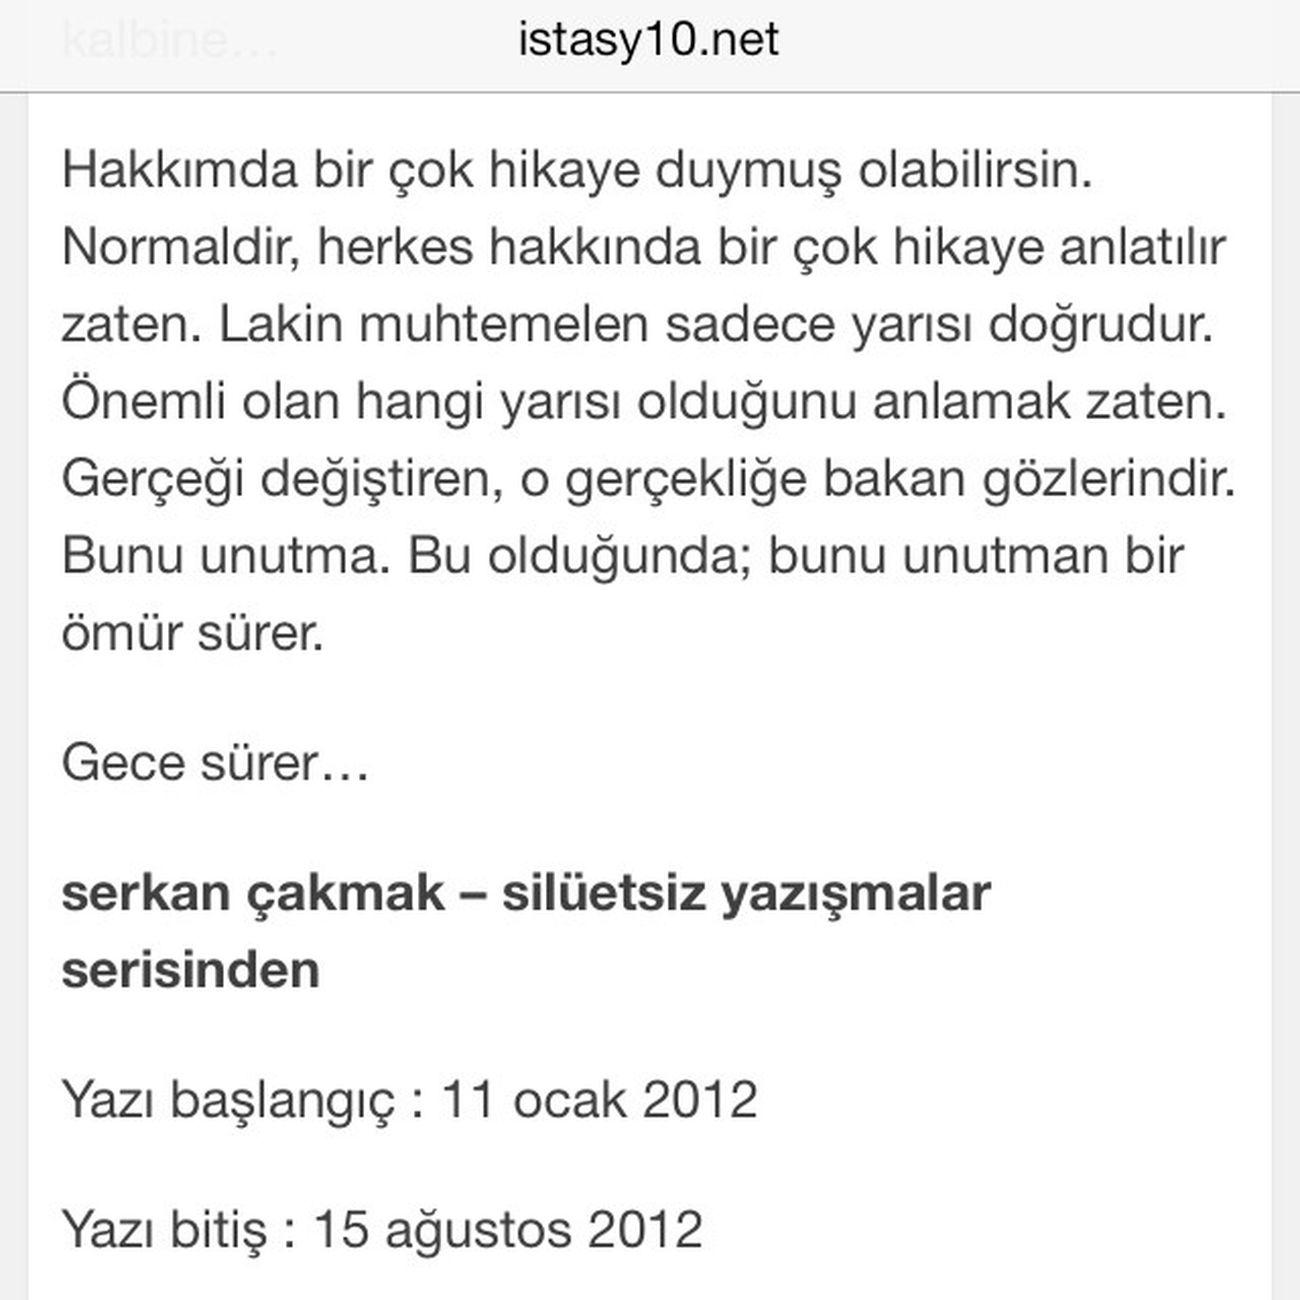 Avazim ciktigi kadar sussam sana...11 Kendimenot Edebiyat Blog Serkan remphin istanbul http://www.istasy10.net/edebiyat-makale/edebi-kayintilarim/avazim-ciktigi-kadar-sussam-sana-11